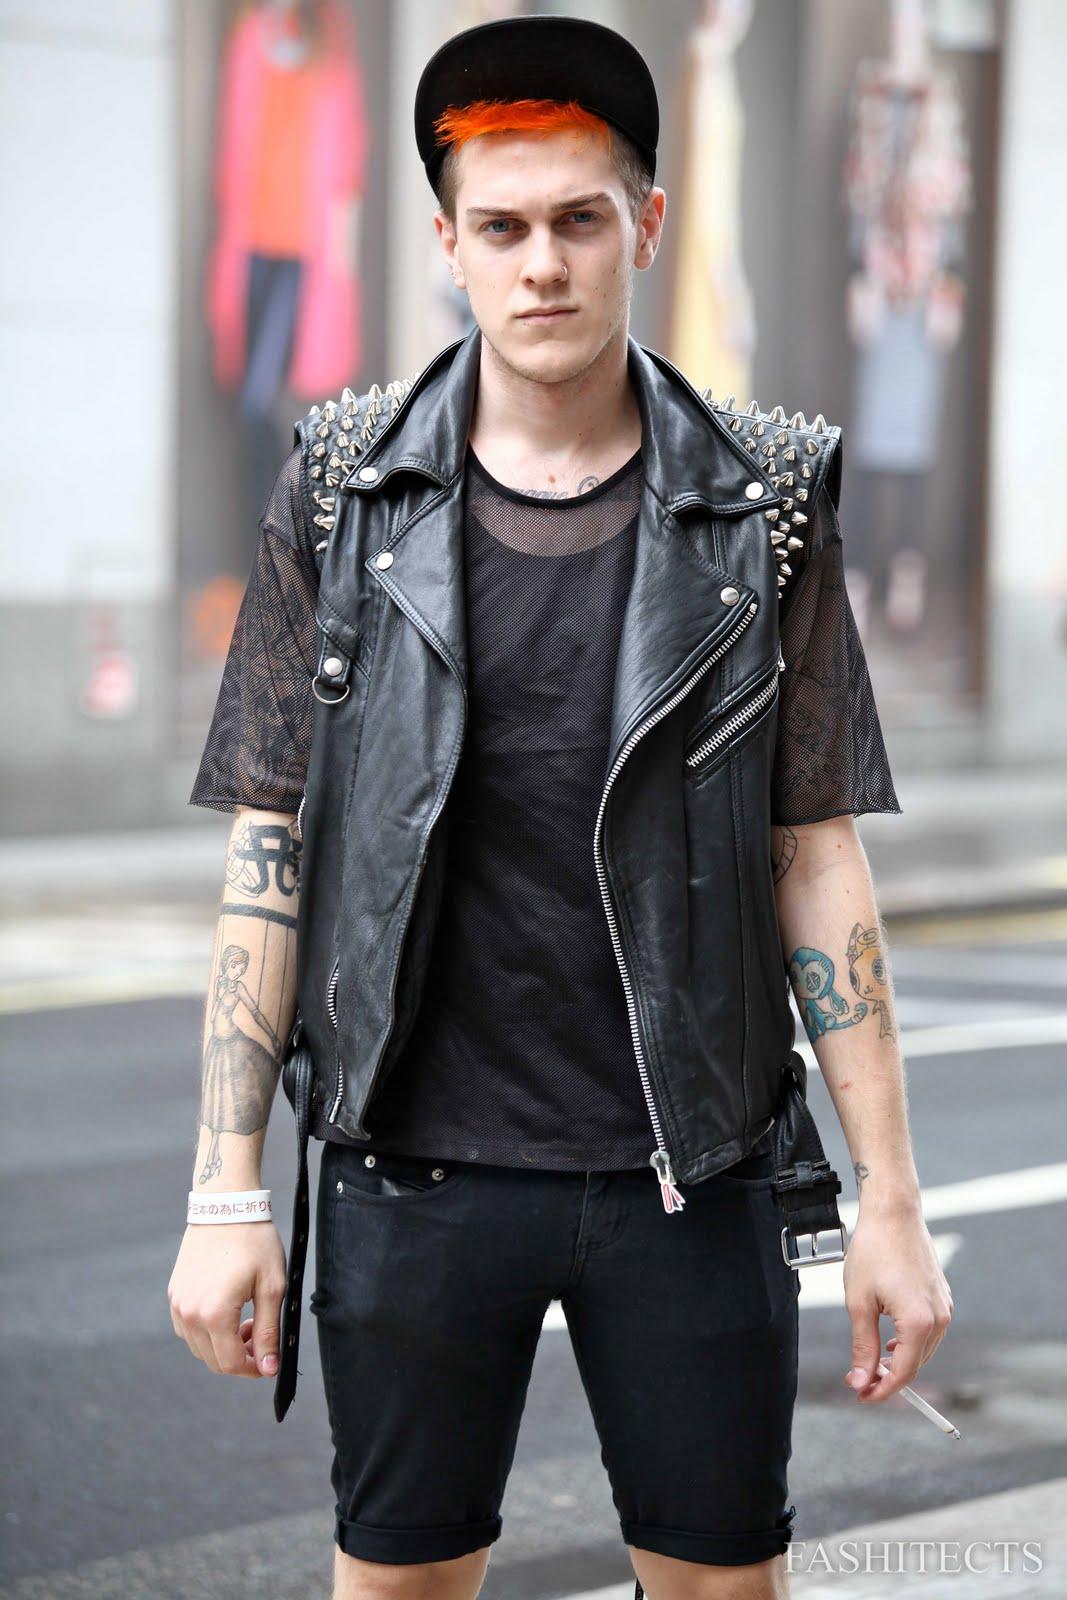 Punk style leather jacket